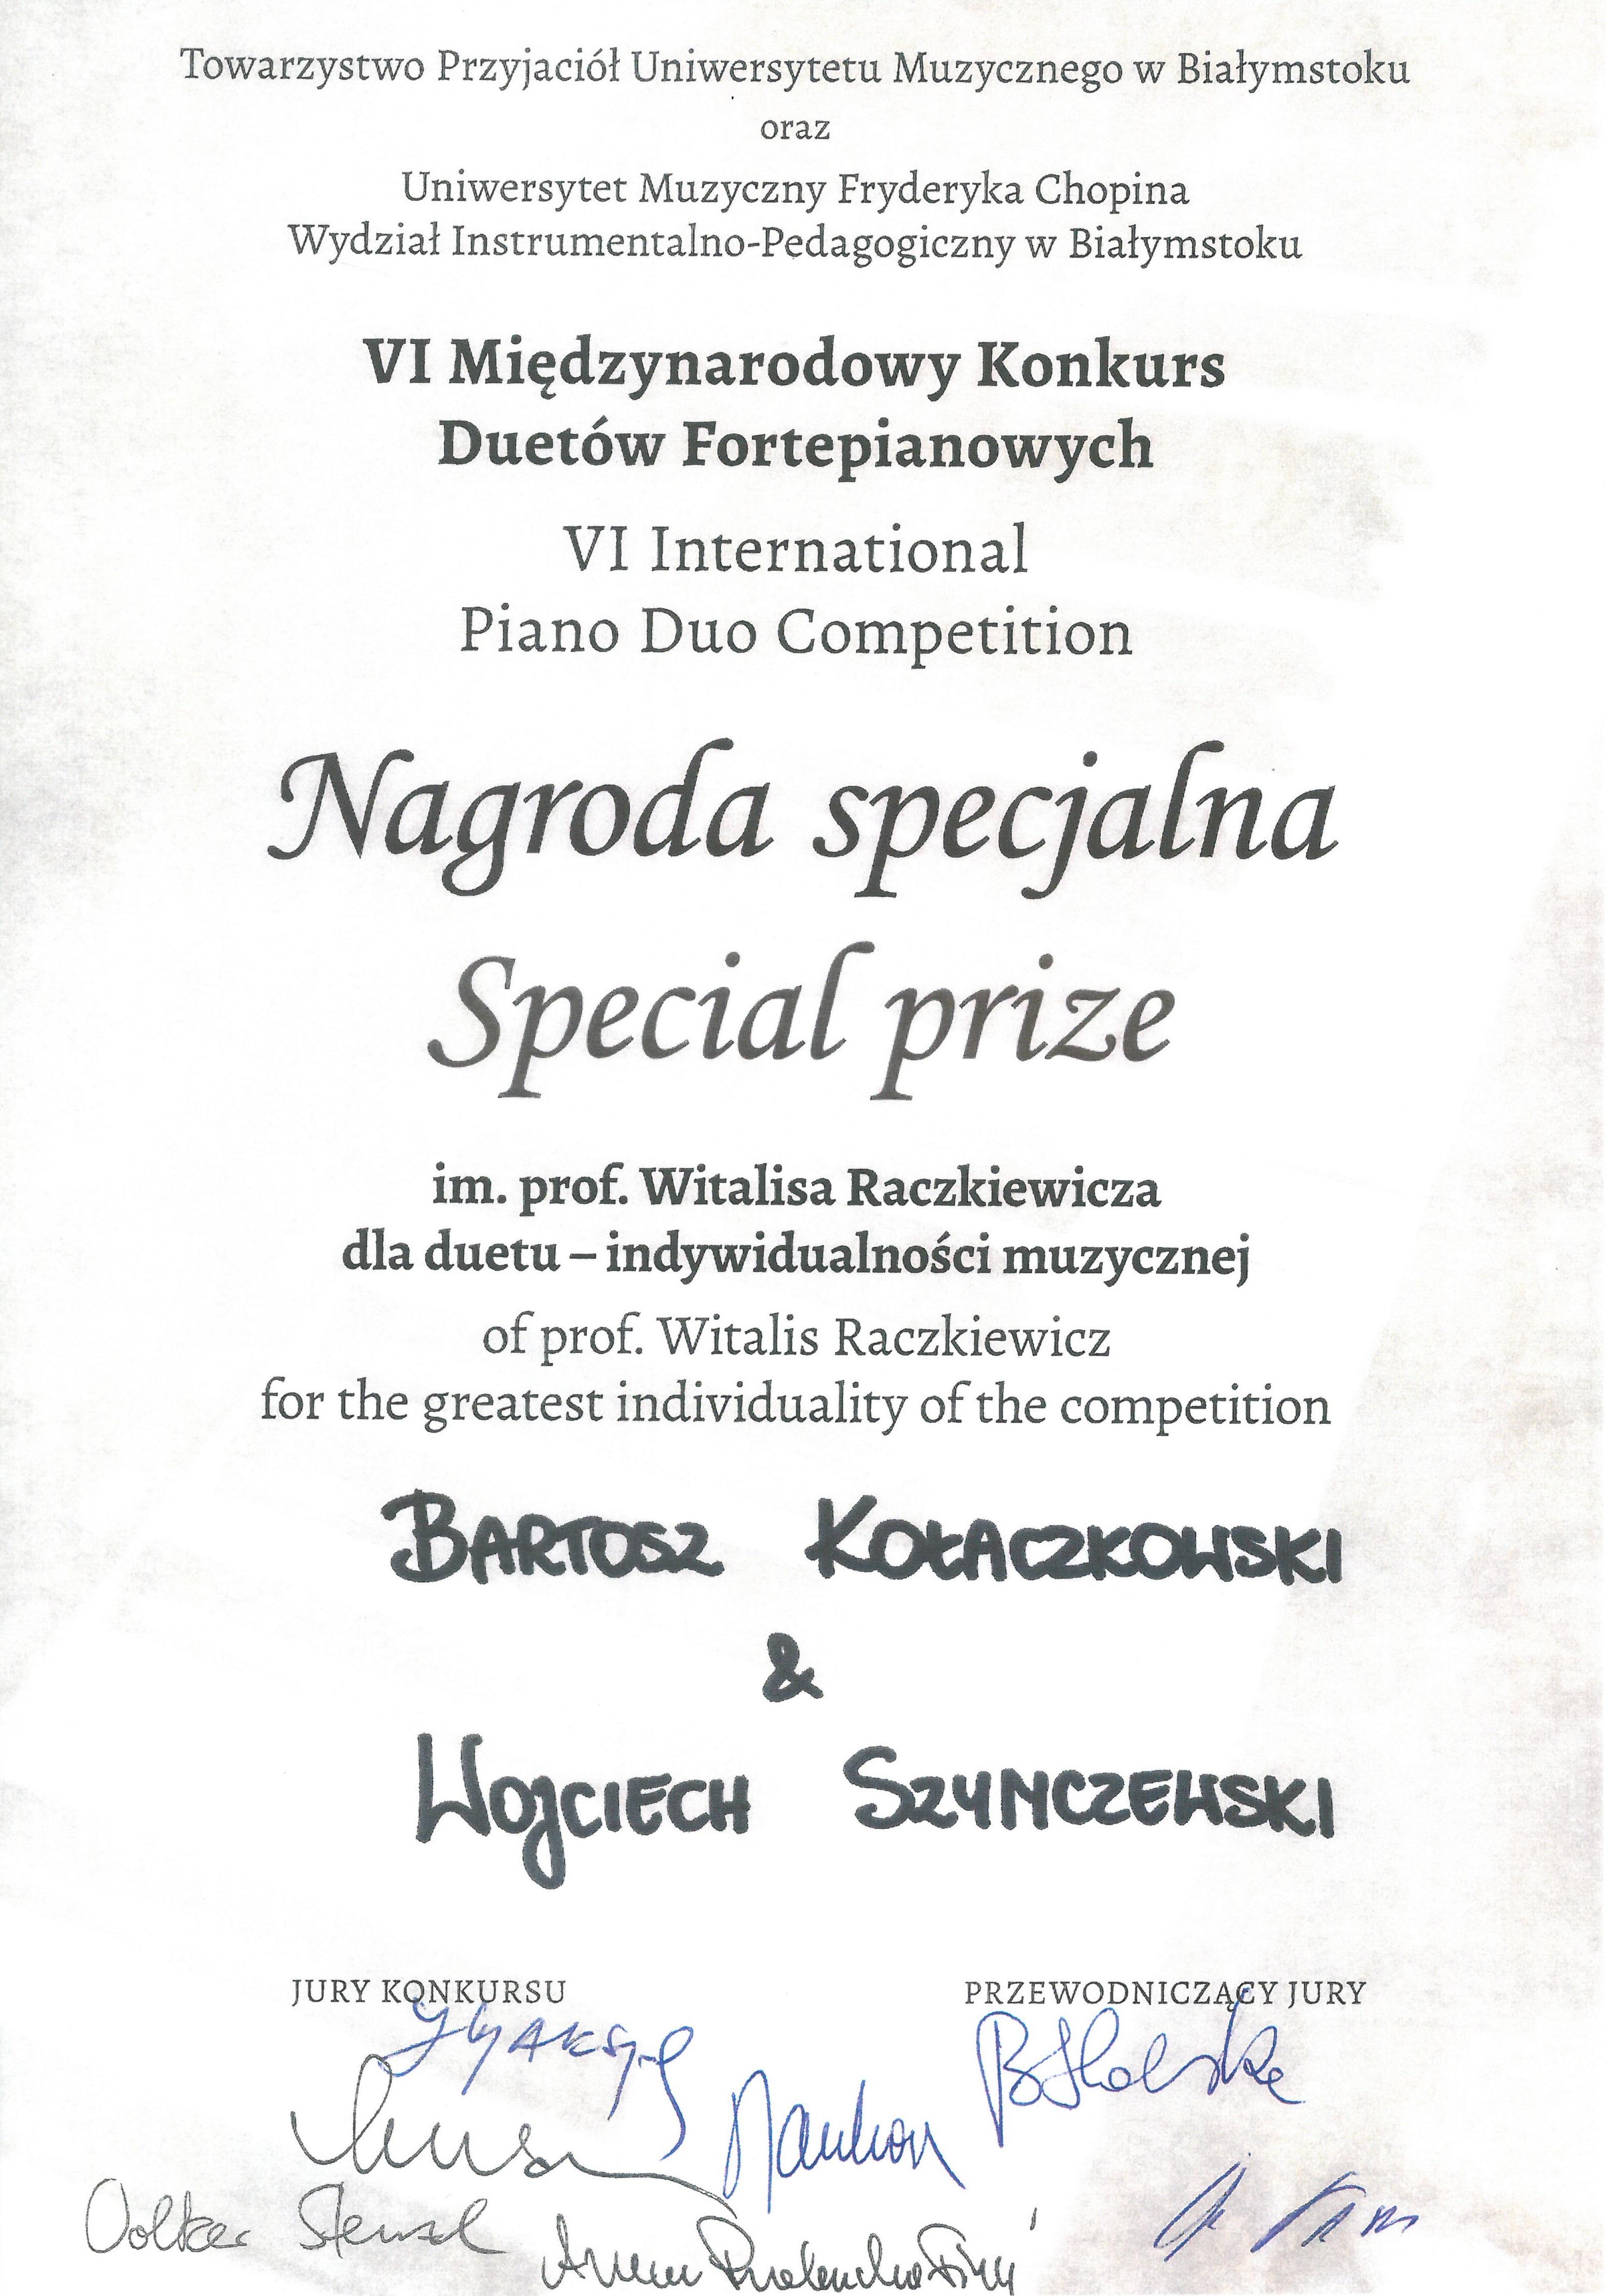 nagroda_specjalna1_Kolaczkowski-Szymczewski_Białystok_2015